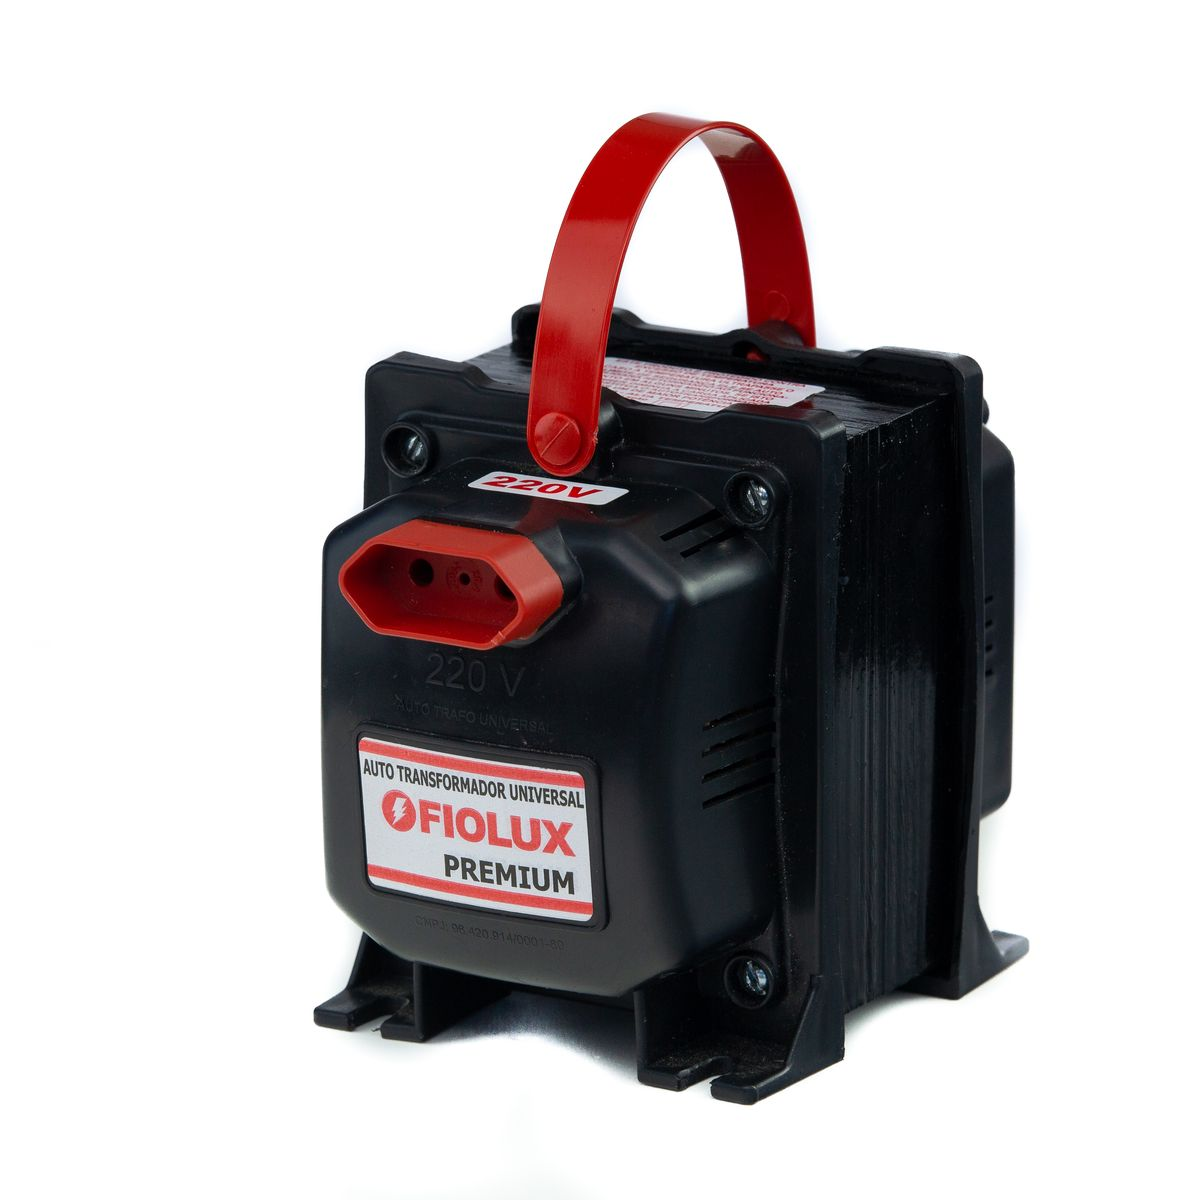 Transformador Fiolux Premium 4000VA Bivolt 110/220 e 220/110 Ref: 4000 VA